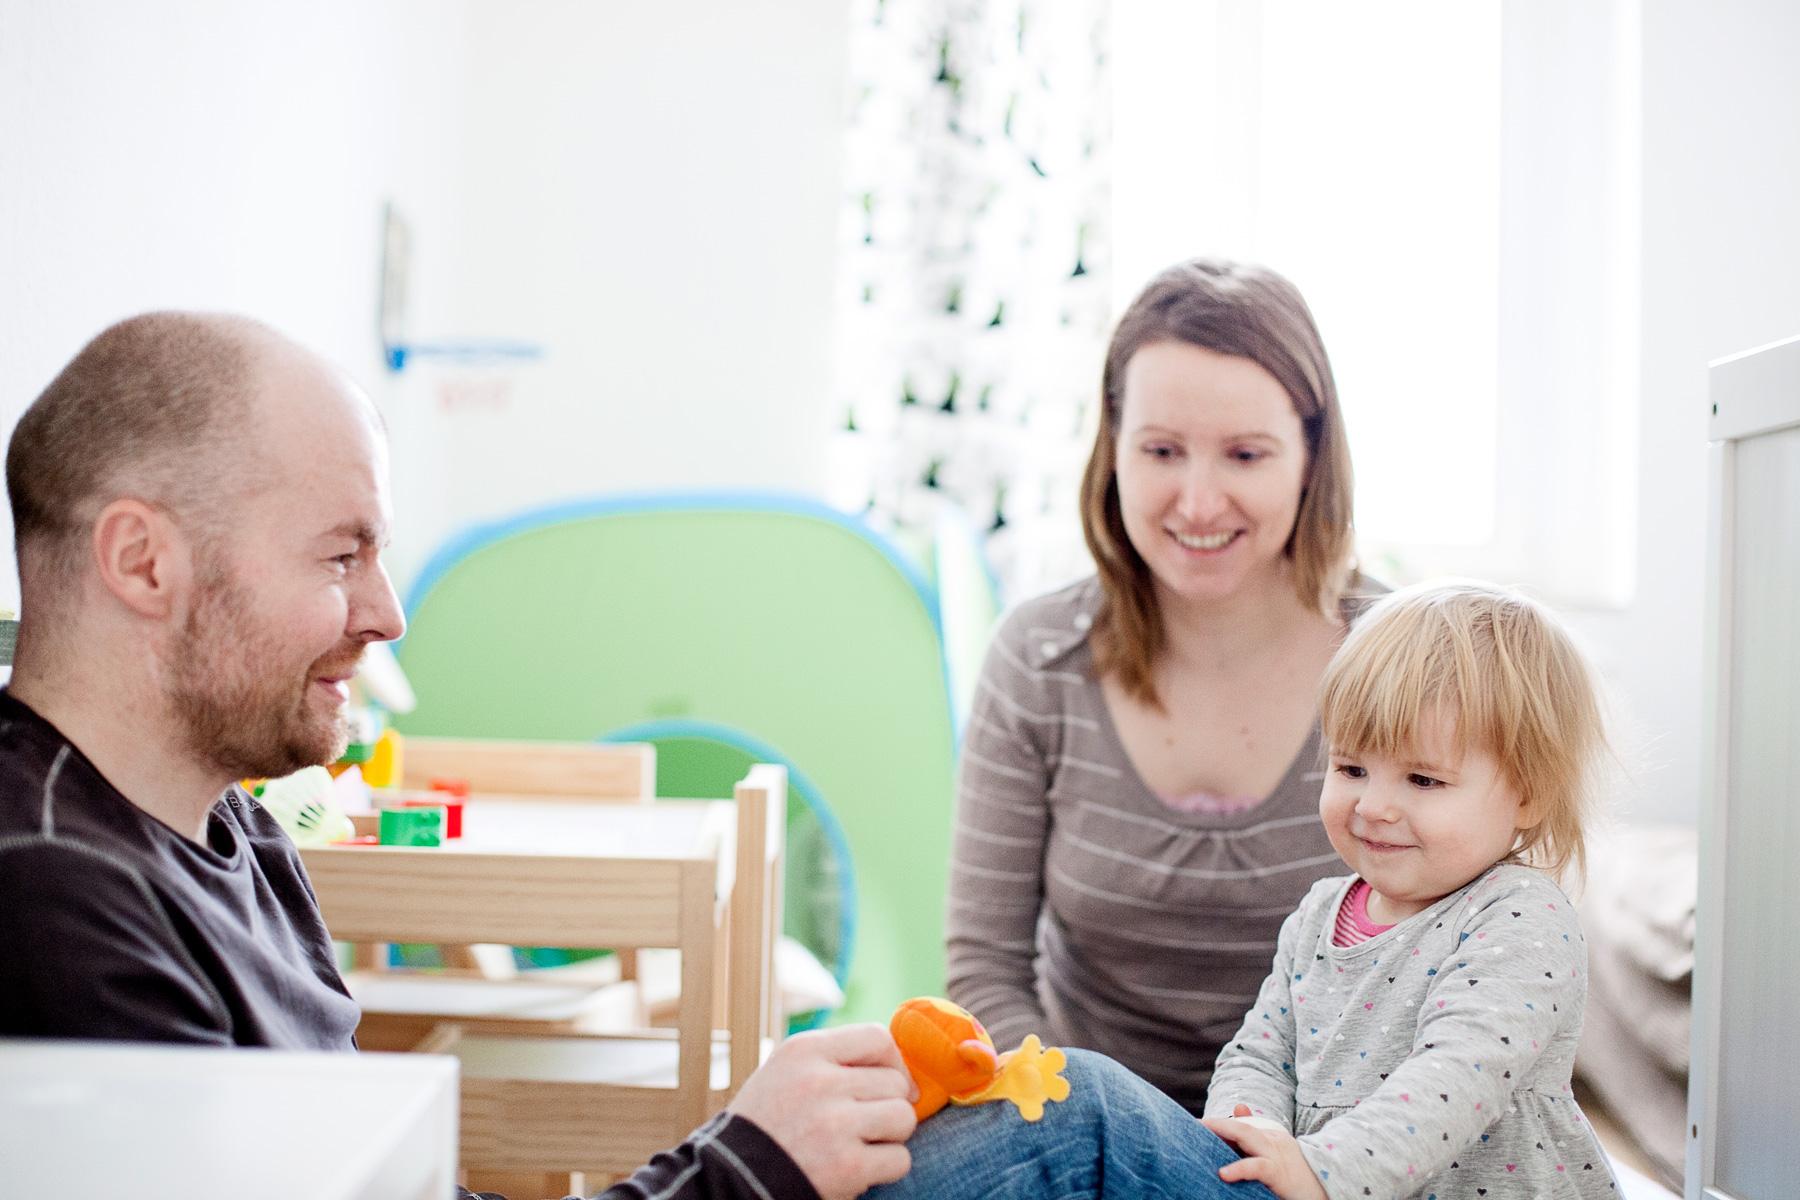 Papa und Mama spielen mit ihrem kleinen Mädchen im Kinderzimmer